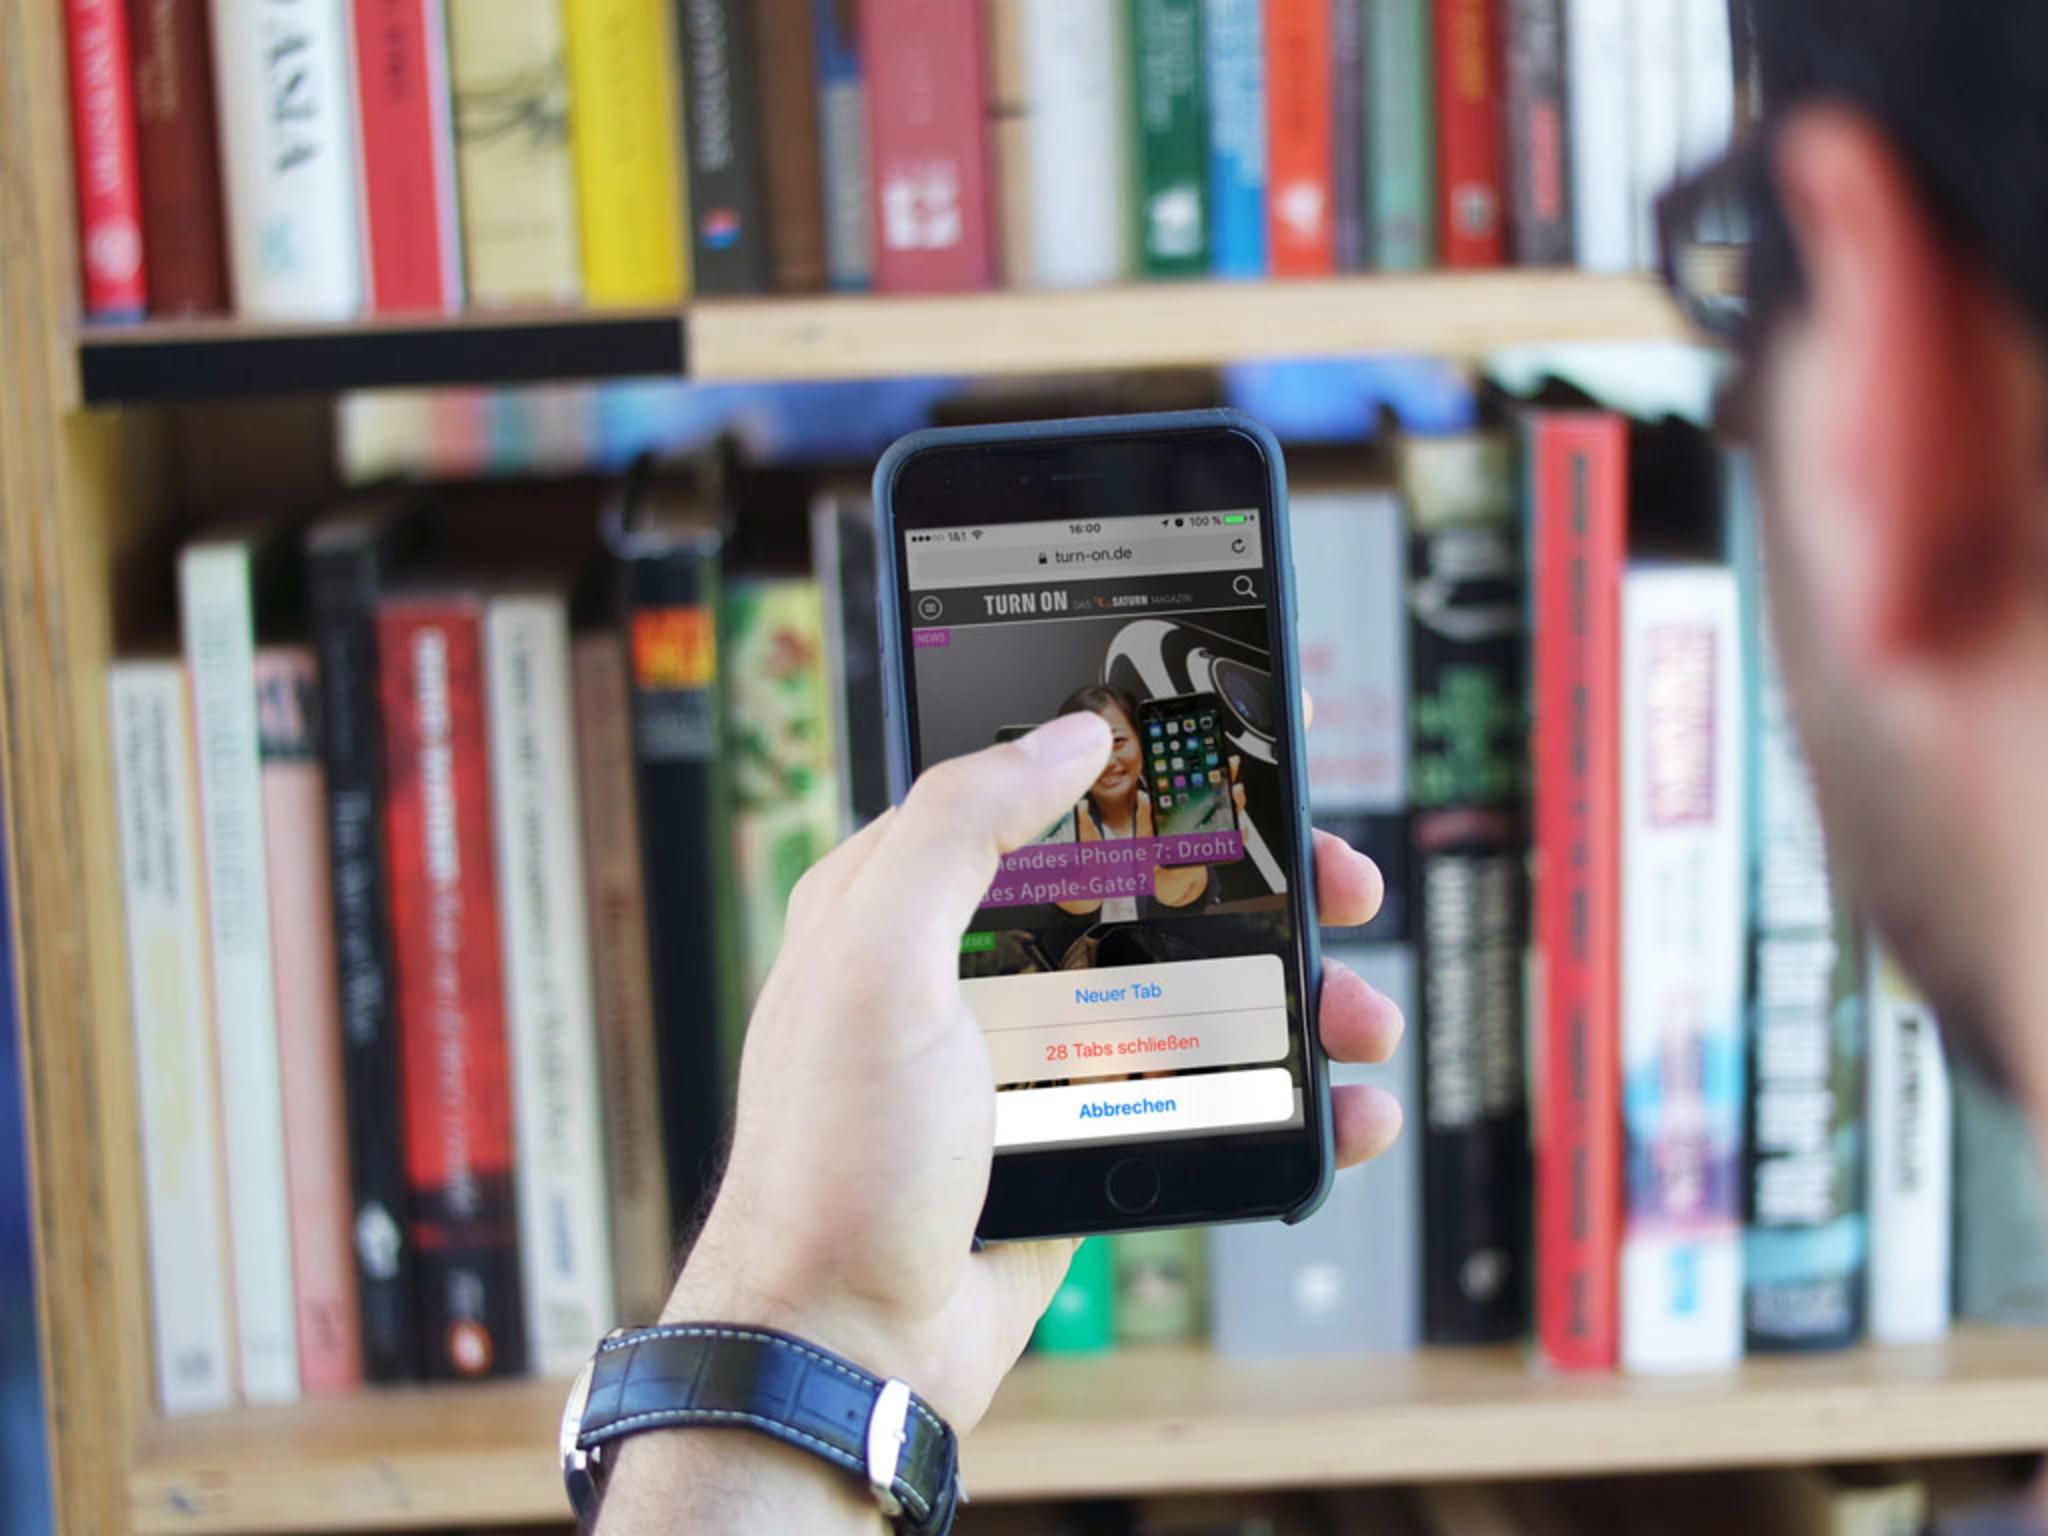 Surfen auf dem iPhone macht nicht nur Spaß, sondern auch äußerst flüssig.